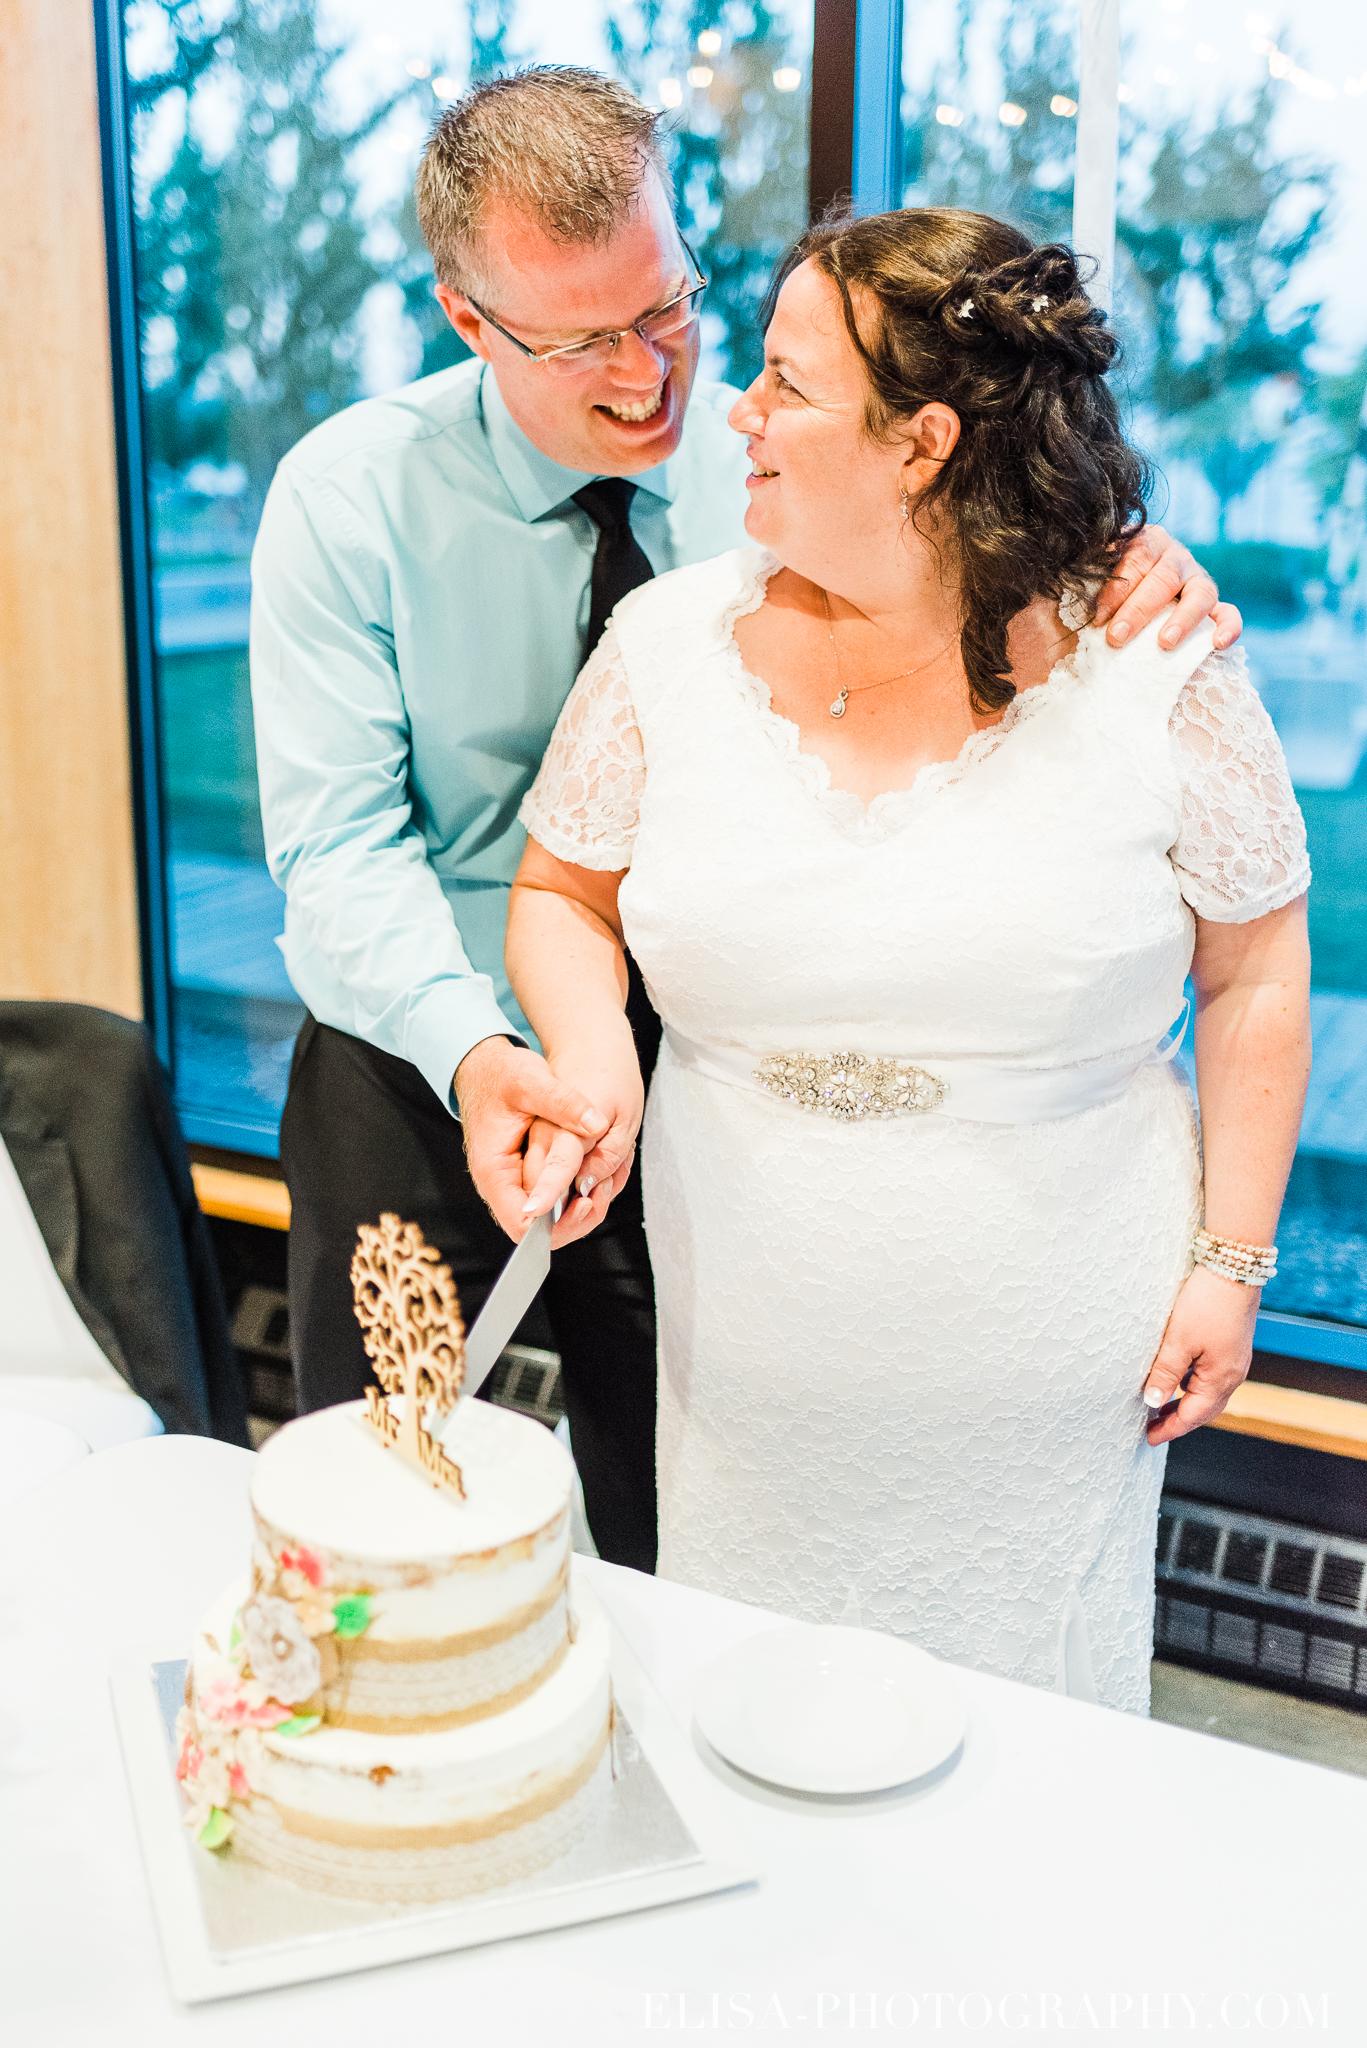 photo mariage quebec baie beauport reception fete danse des maries jeux soulier 8856 - Mariage à la plage de la baie de Beauport